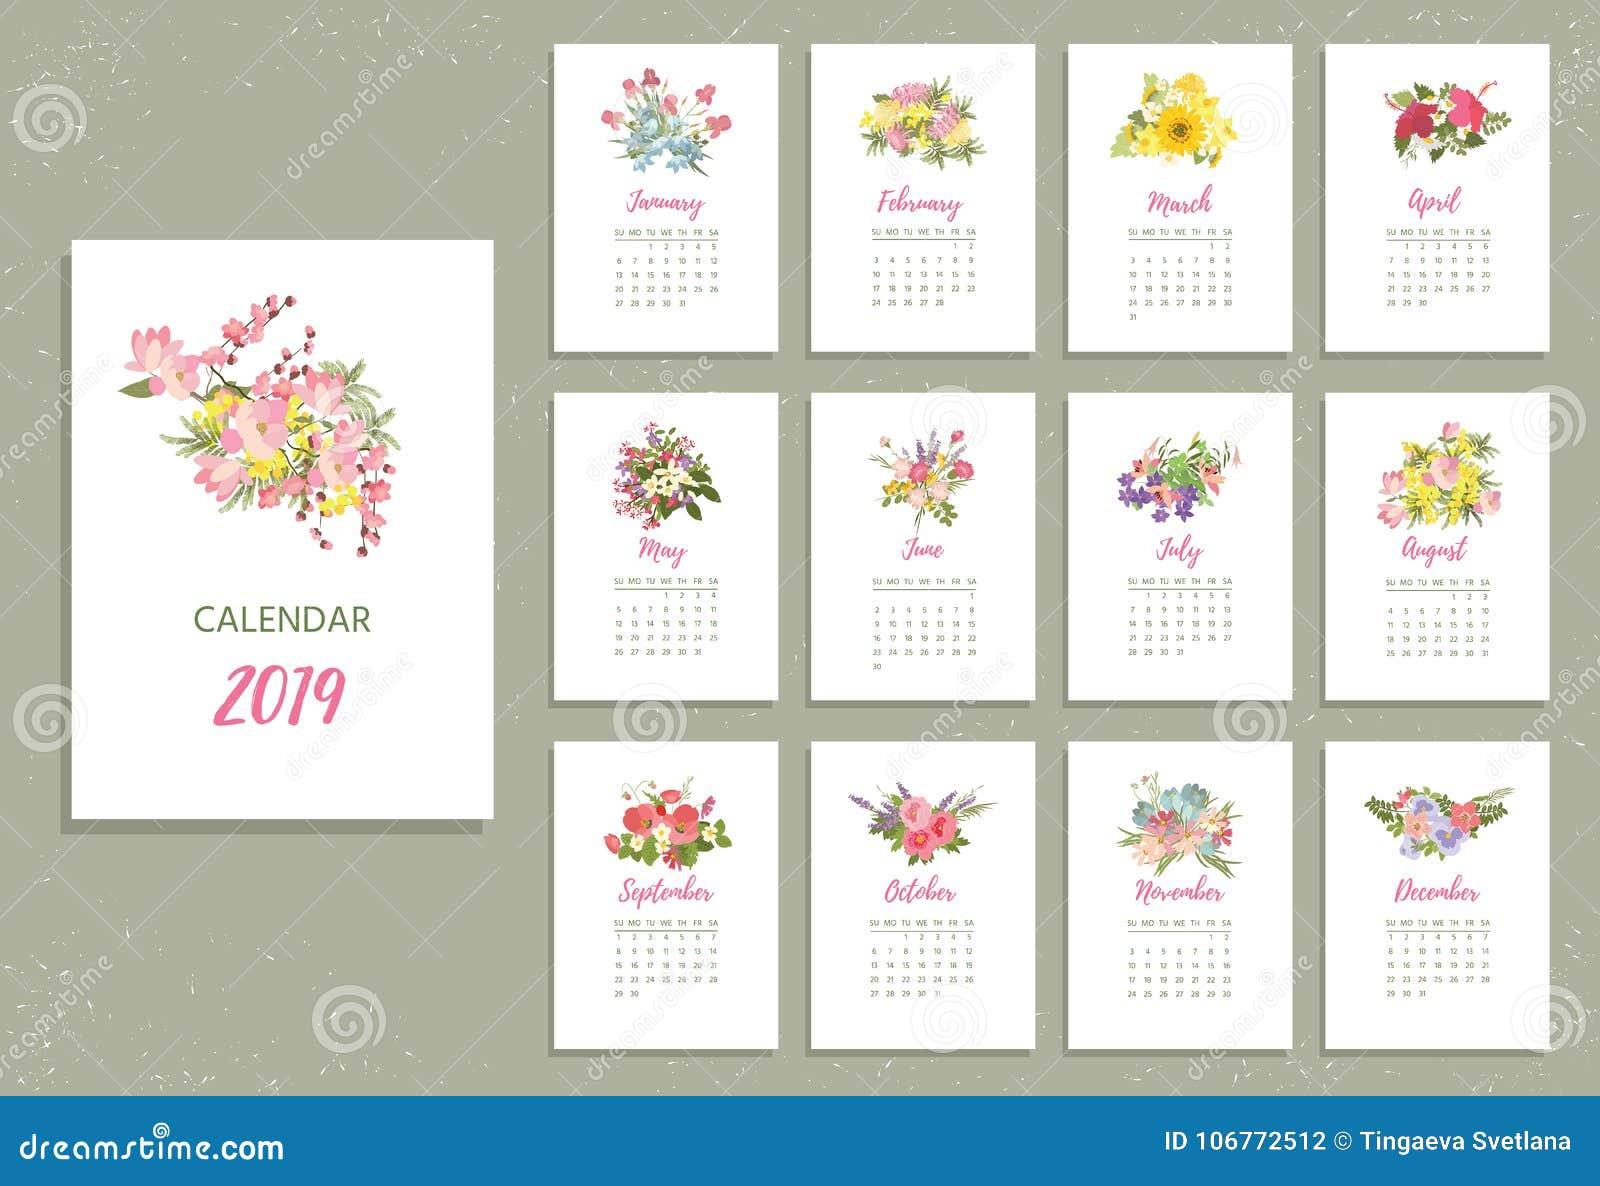 Tryckbar kalender 2019 med nätta färgrika blommor